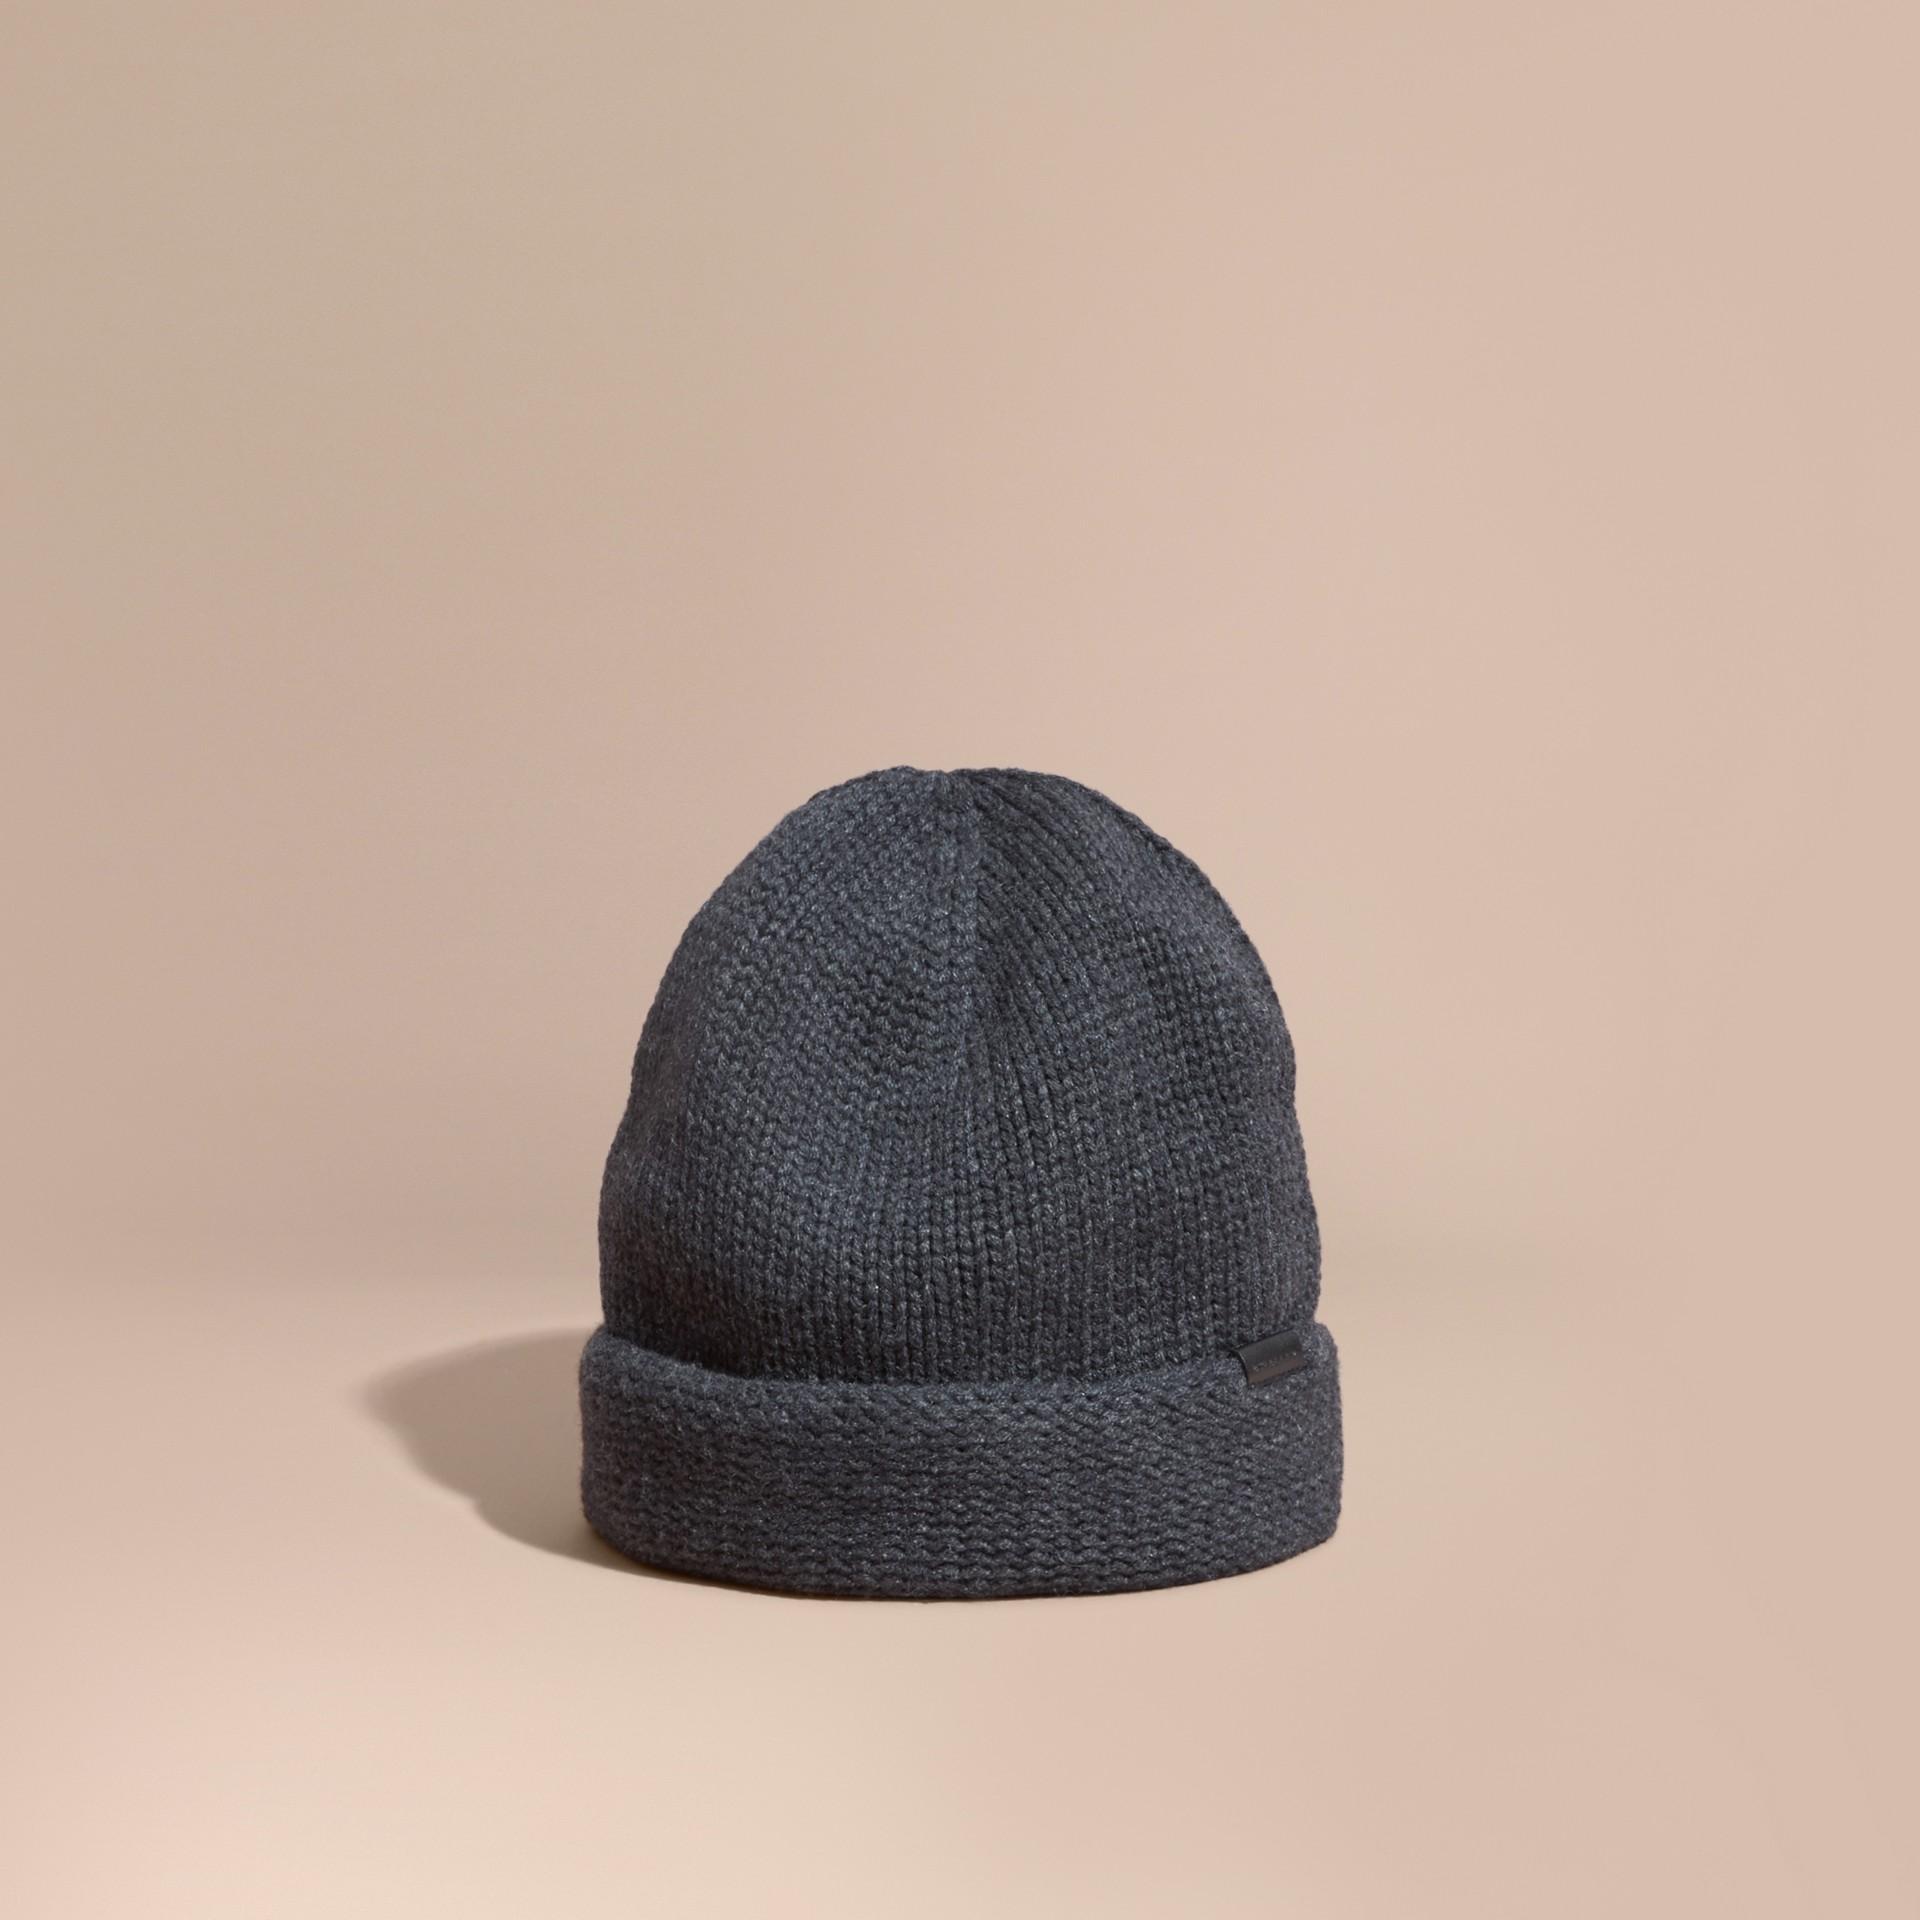 Nero fumo Cappellino in cashmere lavorato a maglia - immagine della galleria 1